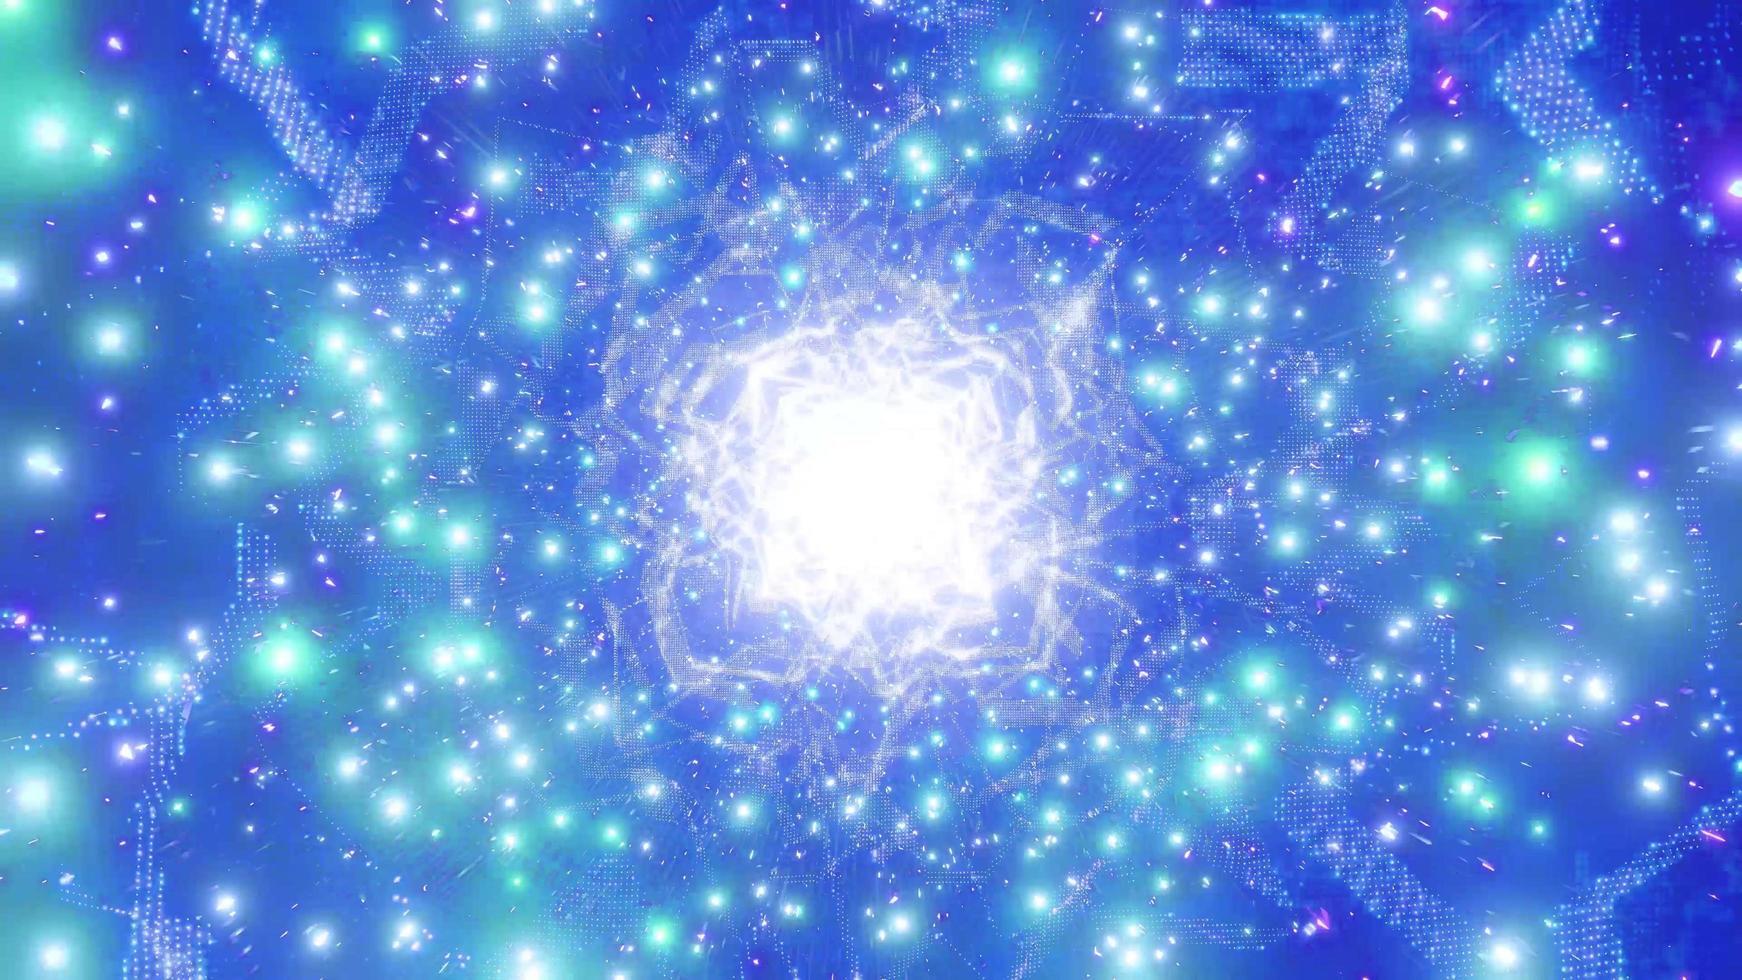 bleu brillant brillant sci-fi espace particule galaxie illustration 3d fond papier peint design artwork photo